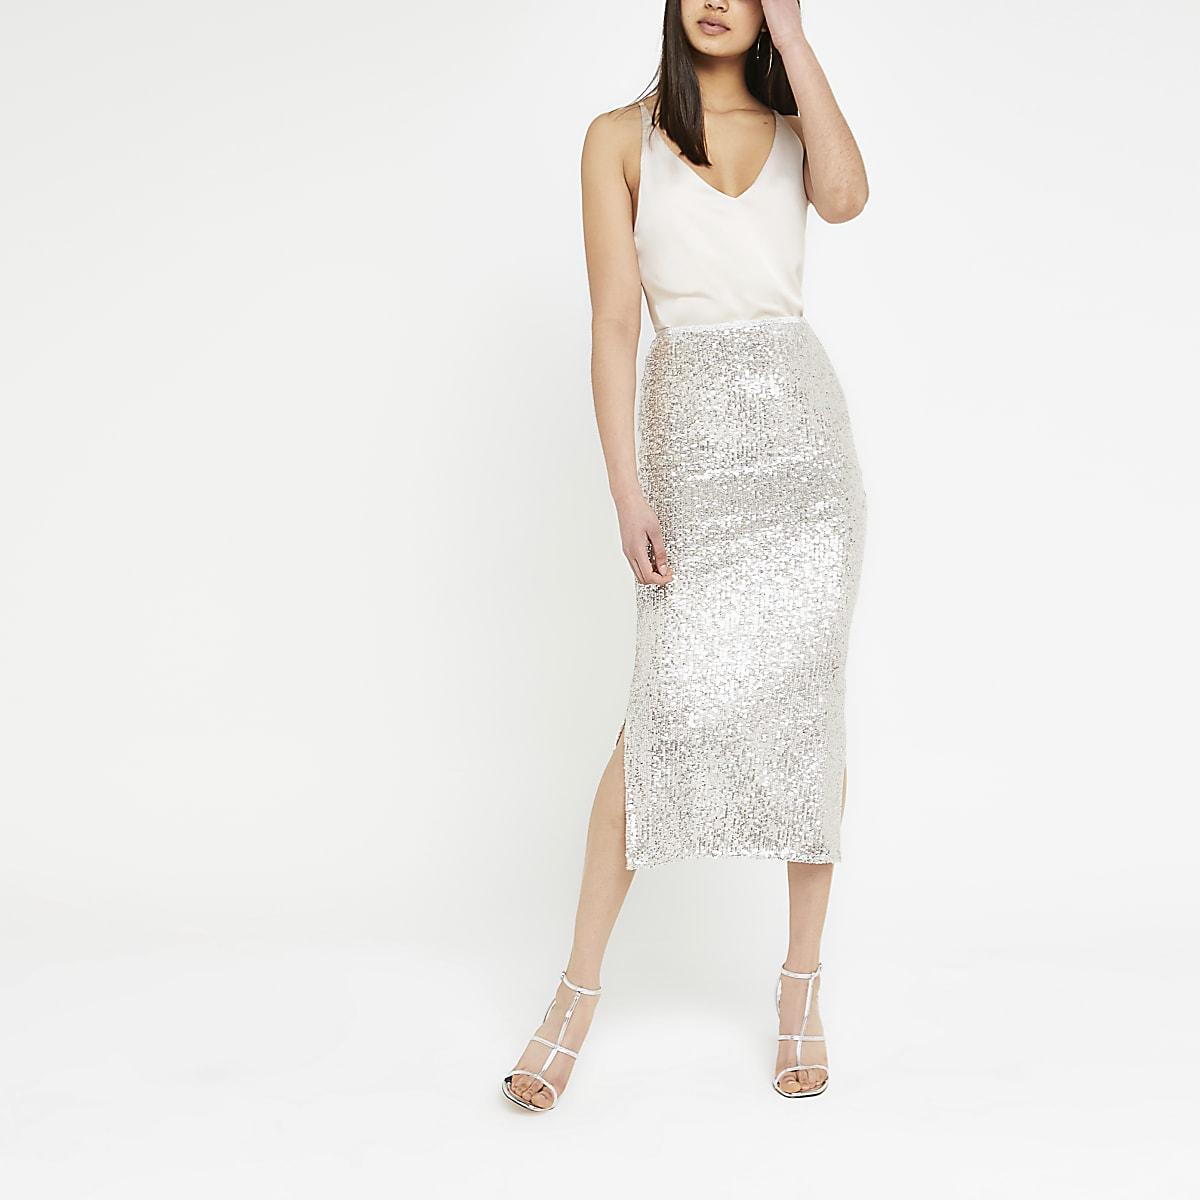 Silver sequin embellished pencil skirt